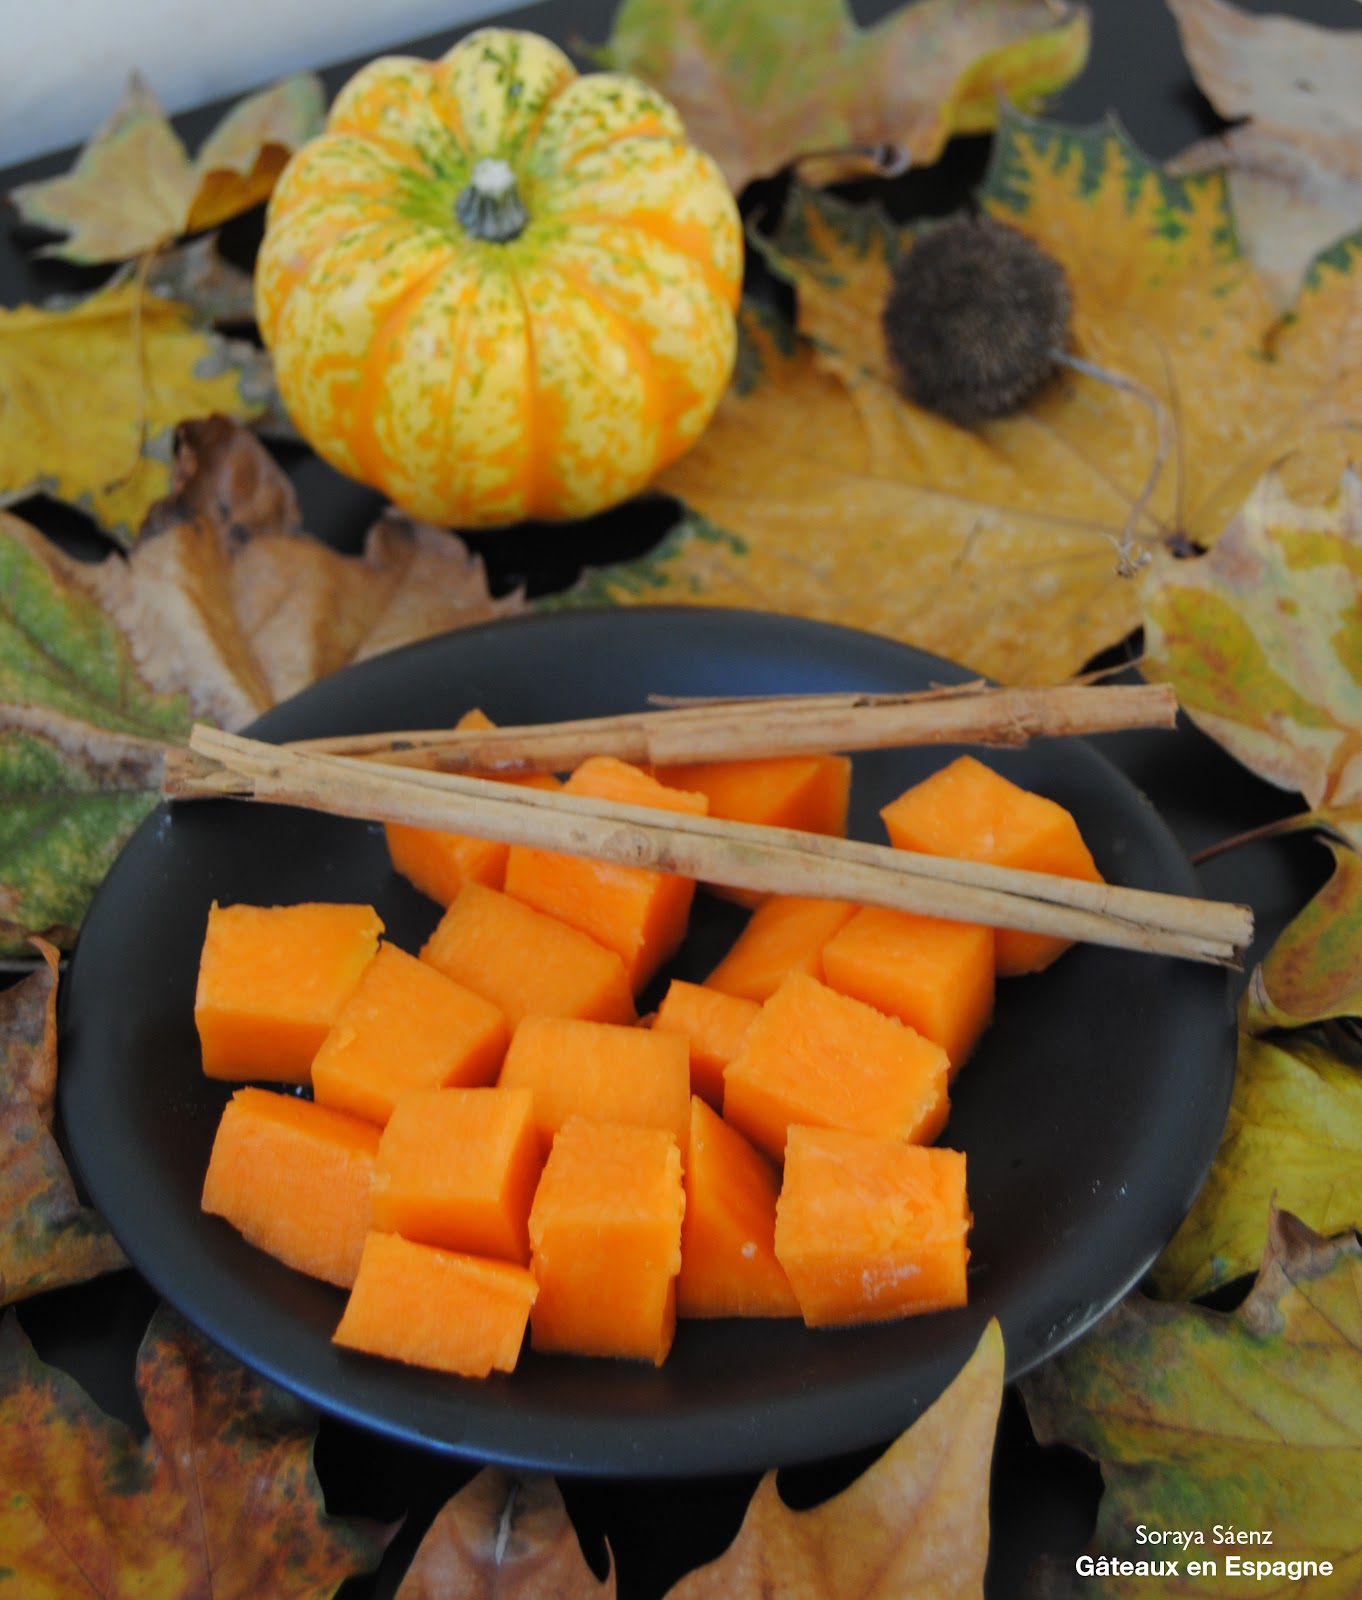 G teaux en espagne beignets de citrouille un dessert - Recette gateau halloween facile ...